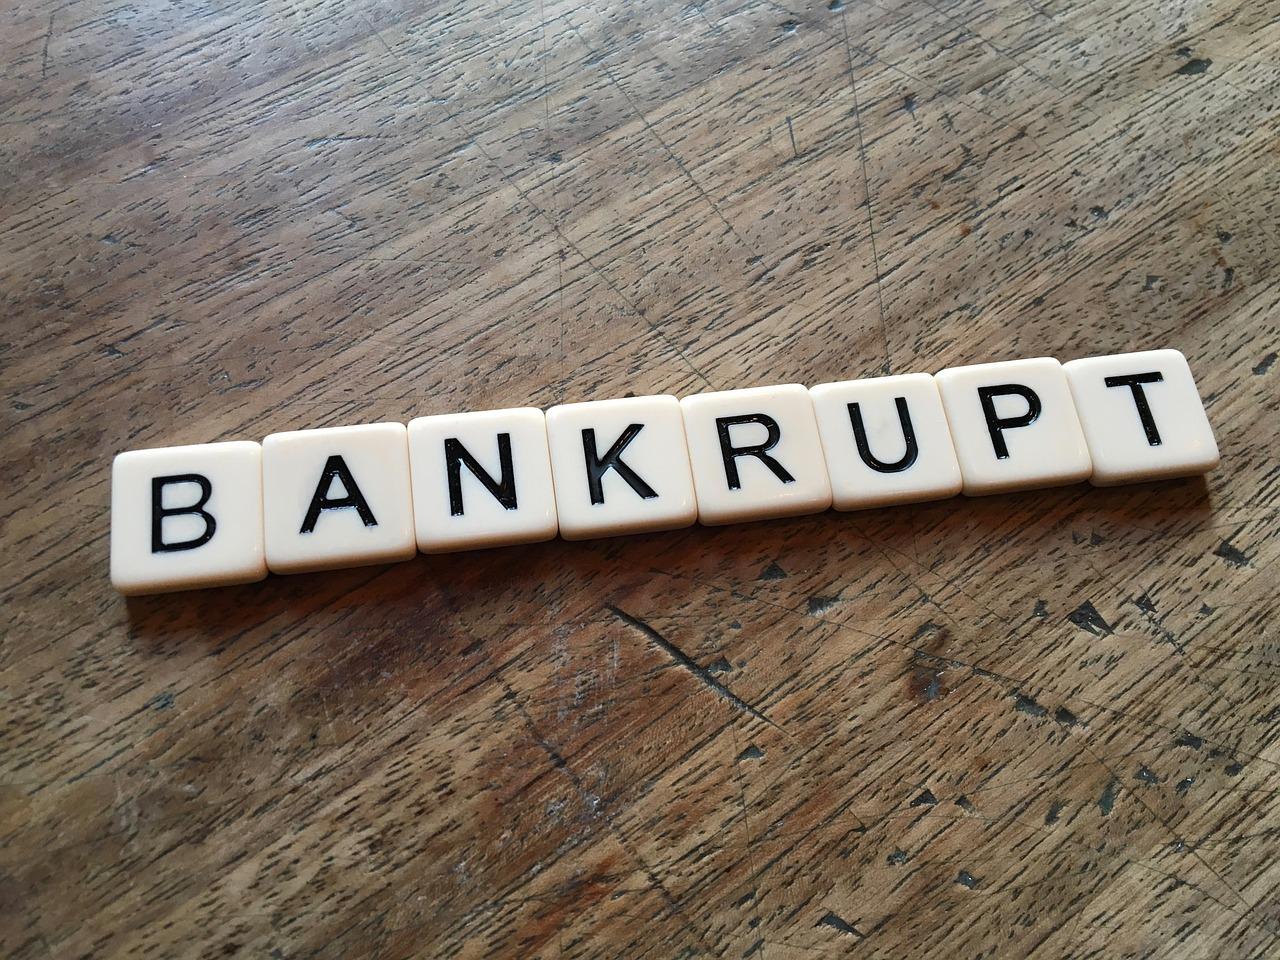 Korupcja i jedna firma pogrążają cały kraj